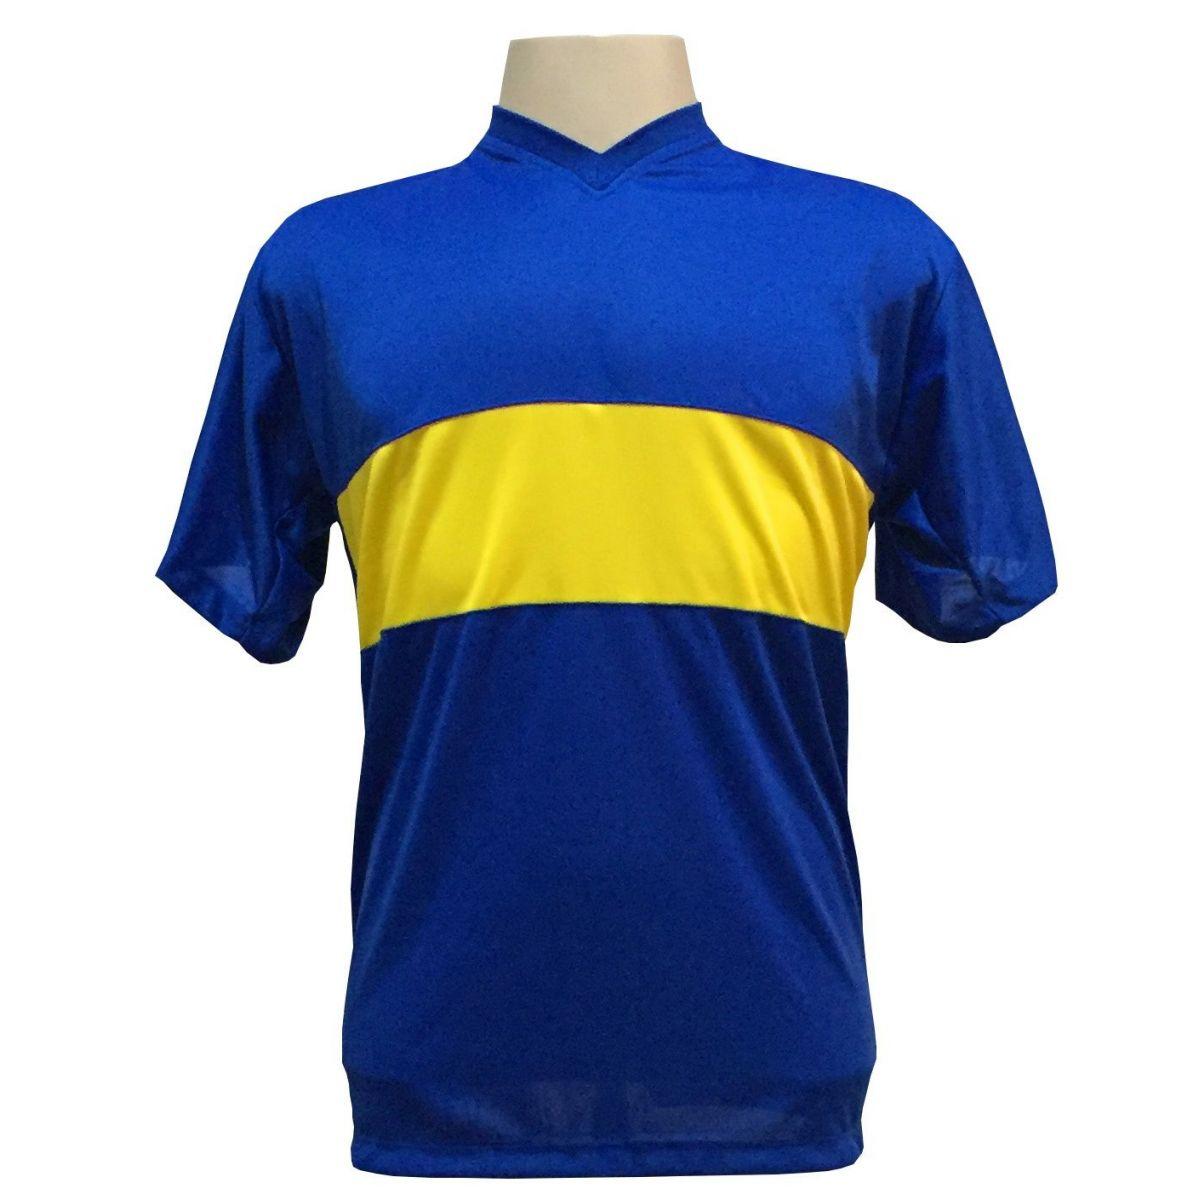 Uniforme Esportivo Completo modelo Boca Juniors 14+1 (14 camisas Royal/Amarelo + 14 calções Madrid Royal + 14 pares de meiões Royal + 1 conjunto de goleiro) + Brindes